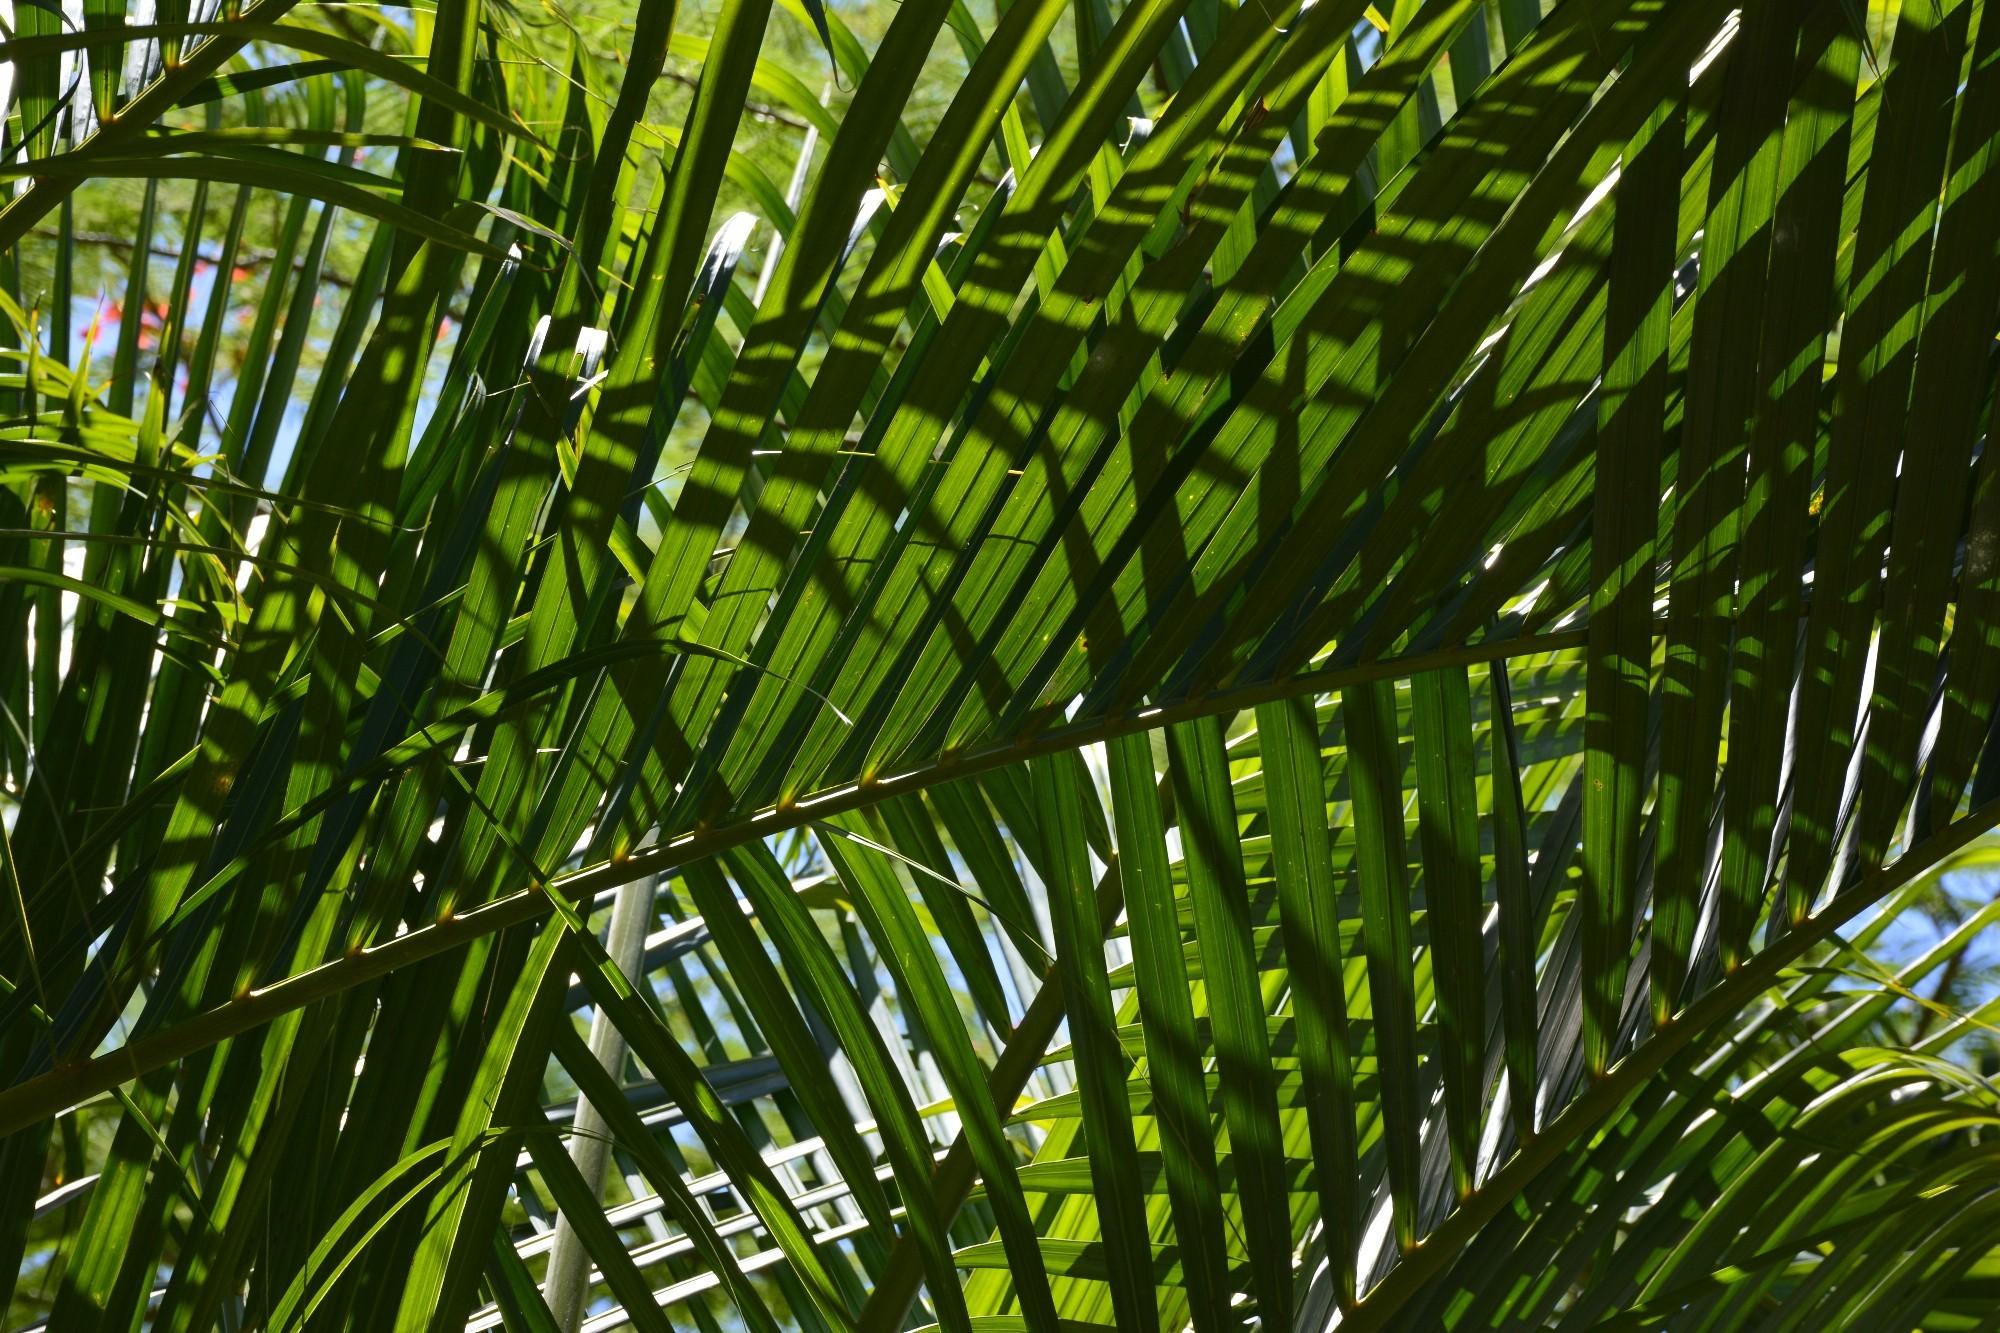 palmiers-verdoyants-sous-les-tropiques-details